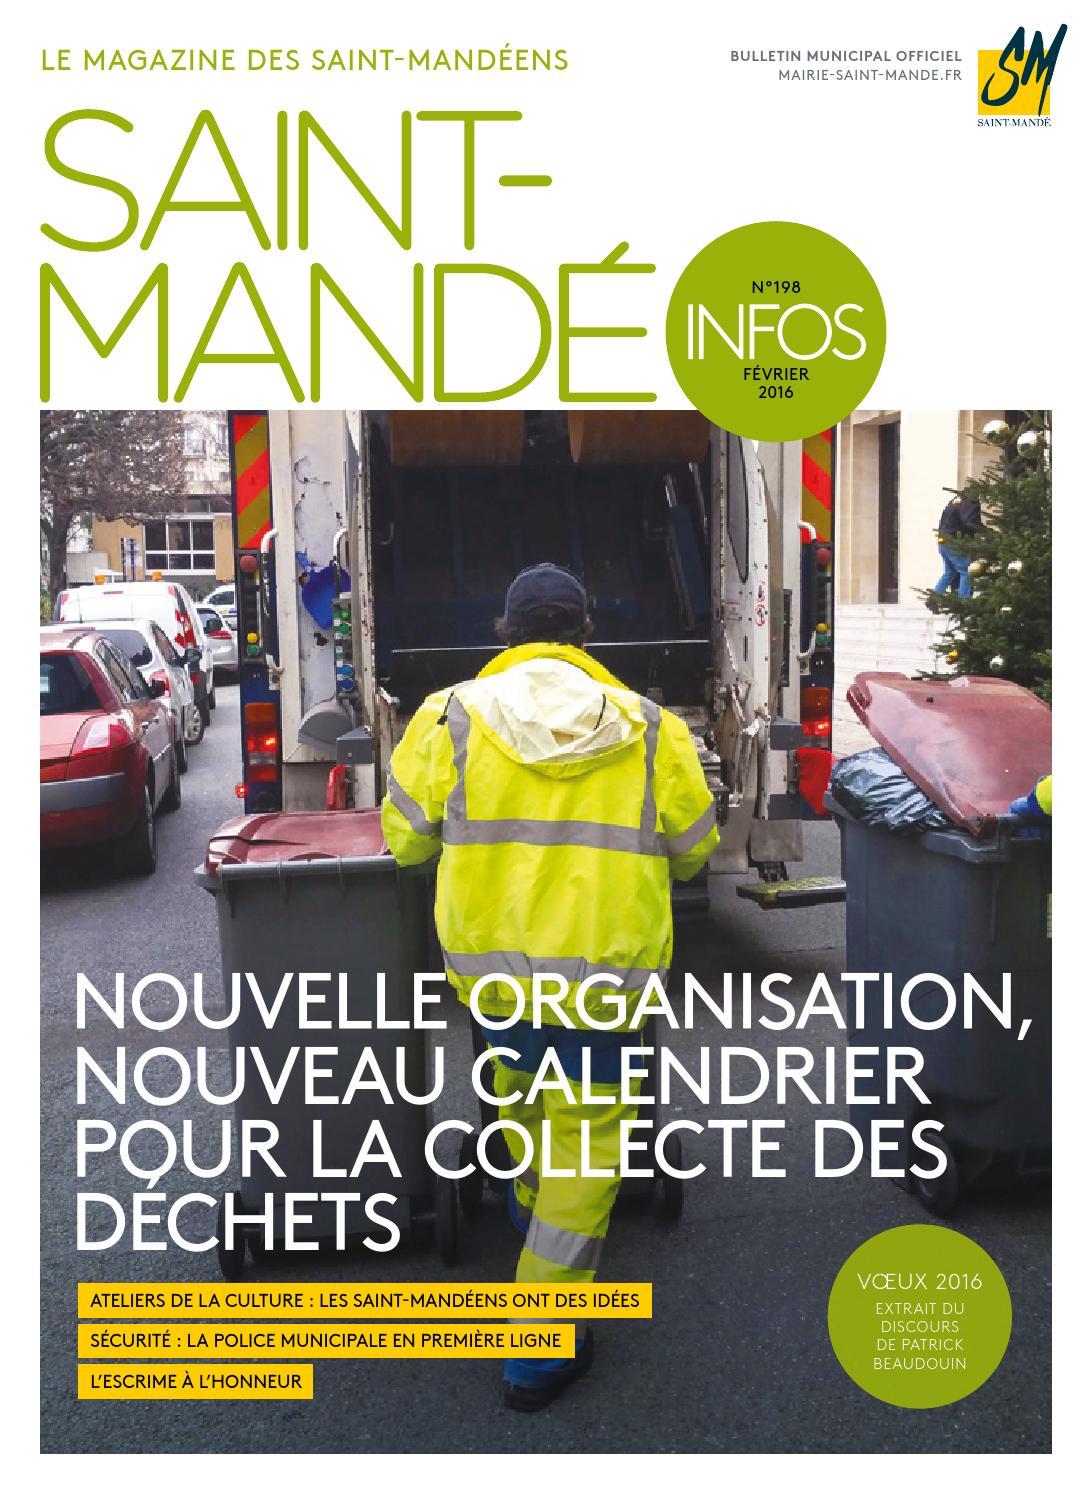 Saint-Mandé Infos 198 by Mairie de Saint-Mandé - issuu 7b559d998ee